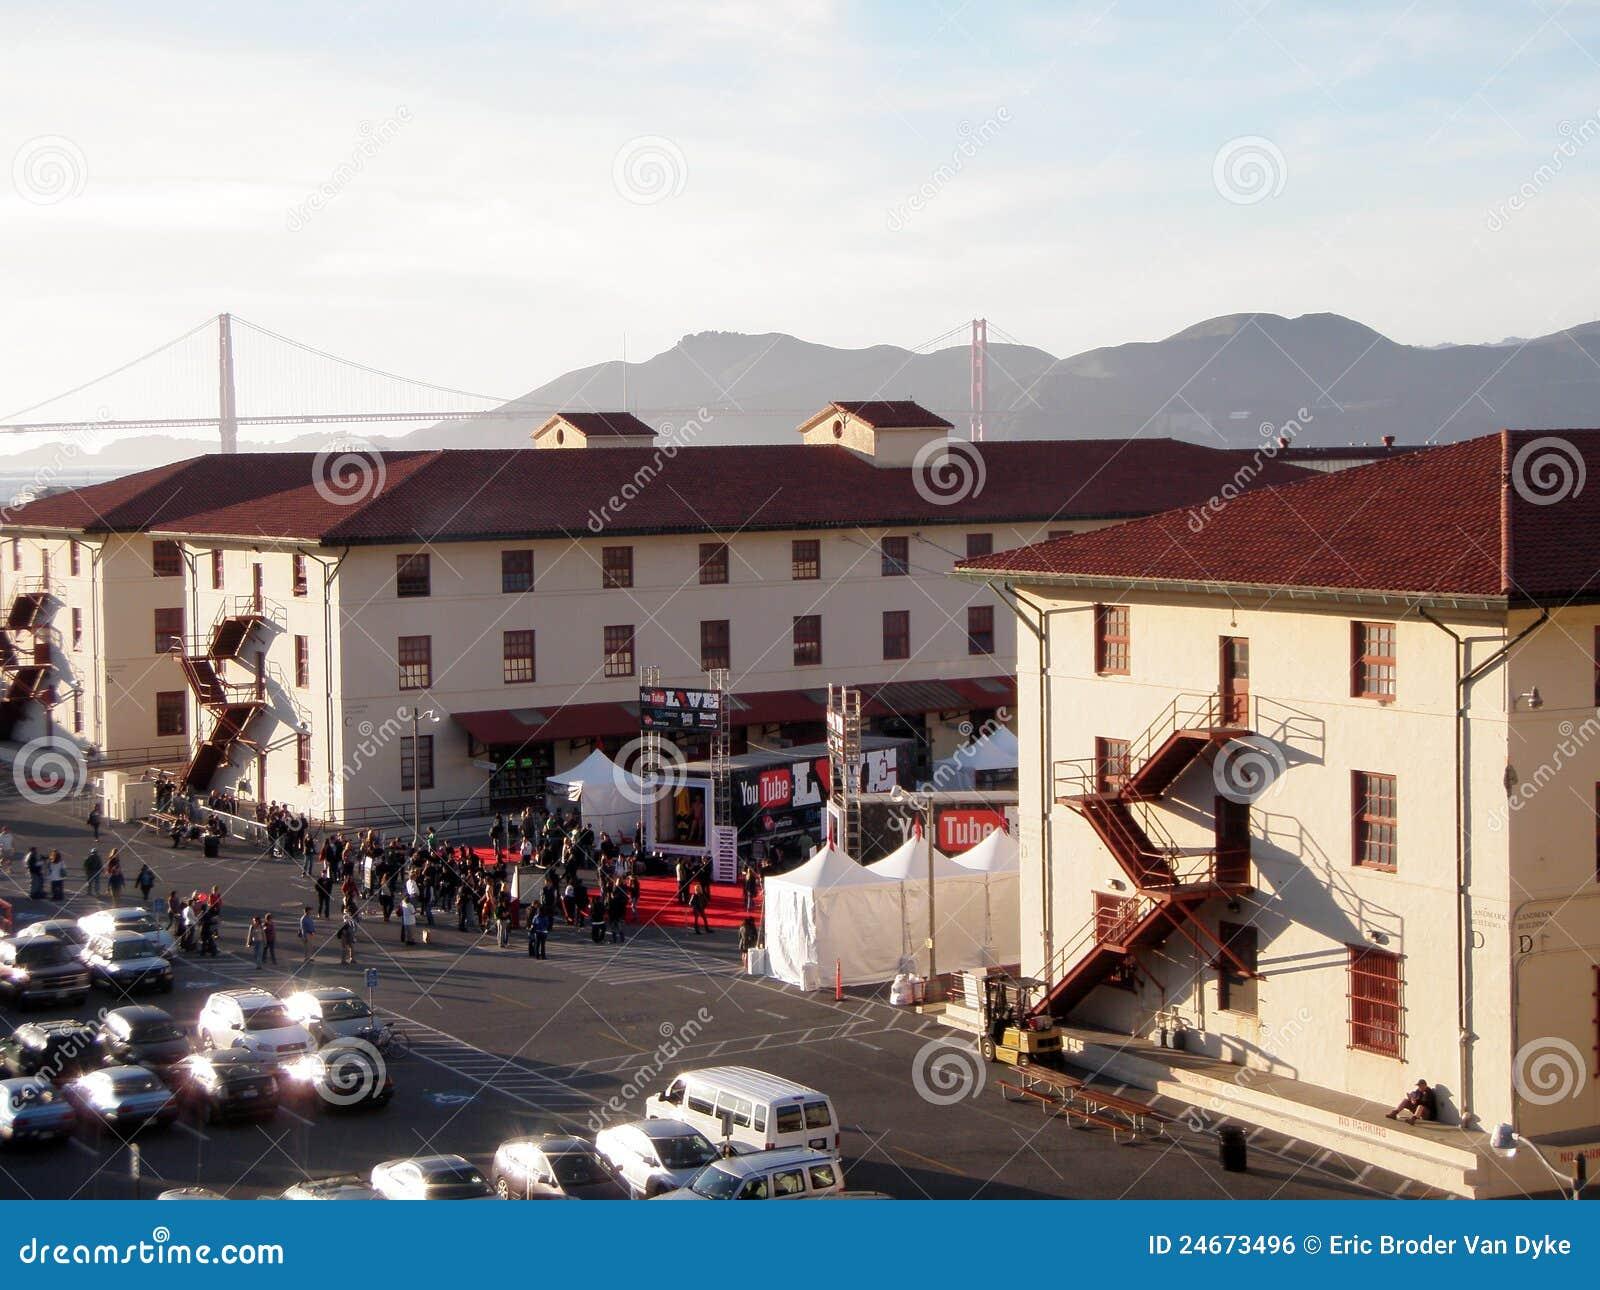 De levende partij van youtube bij de metselaar van het fort redactionele foto beeld 24673496 - Fotos van levende ...